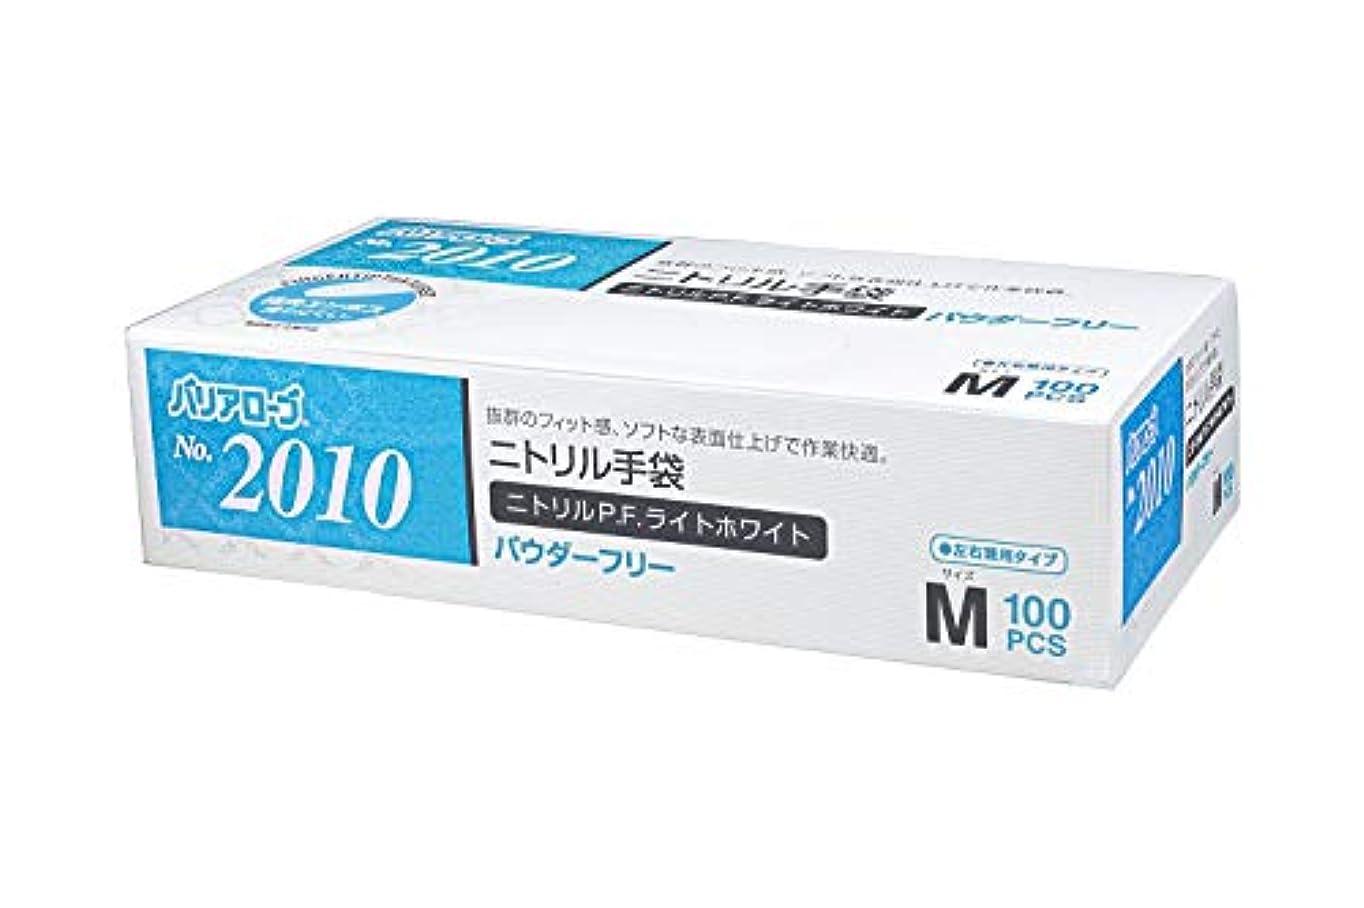 テラスバースプラグ【ケース販売】 バリアローブ №2010 ニトリルP.F.ライト ホワイト (パウダーフリー) M 2000枚(100枚×20箱)